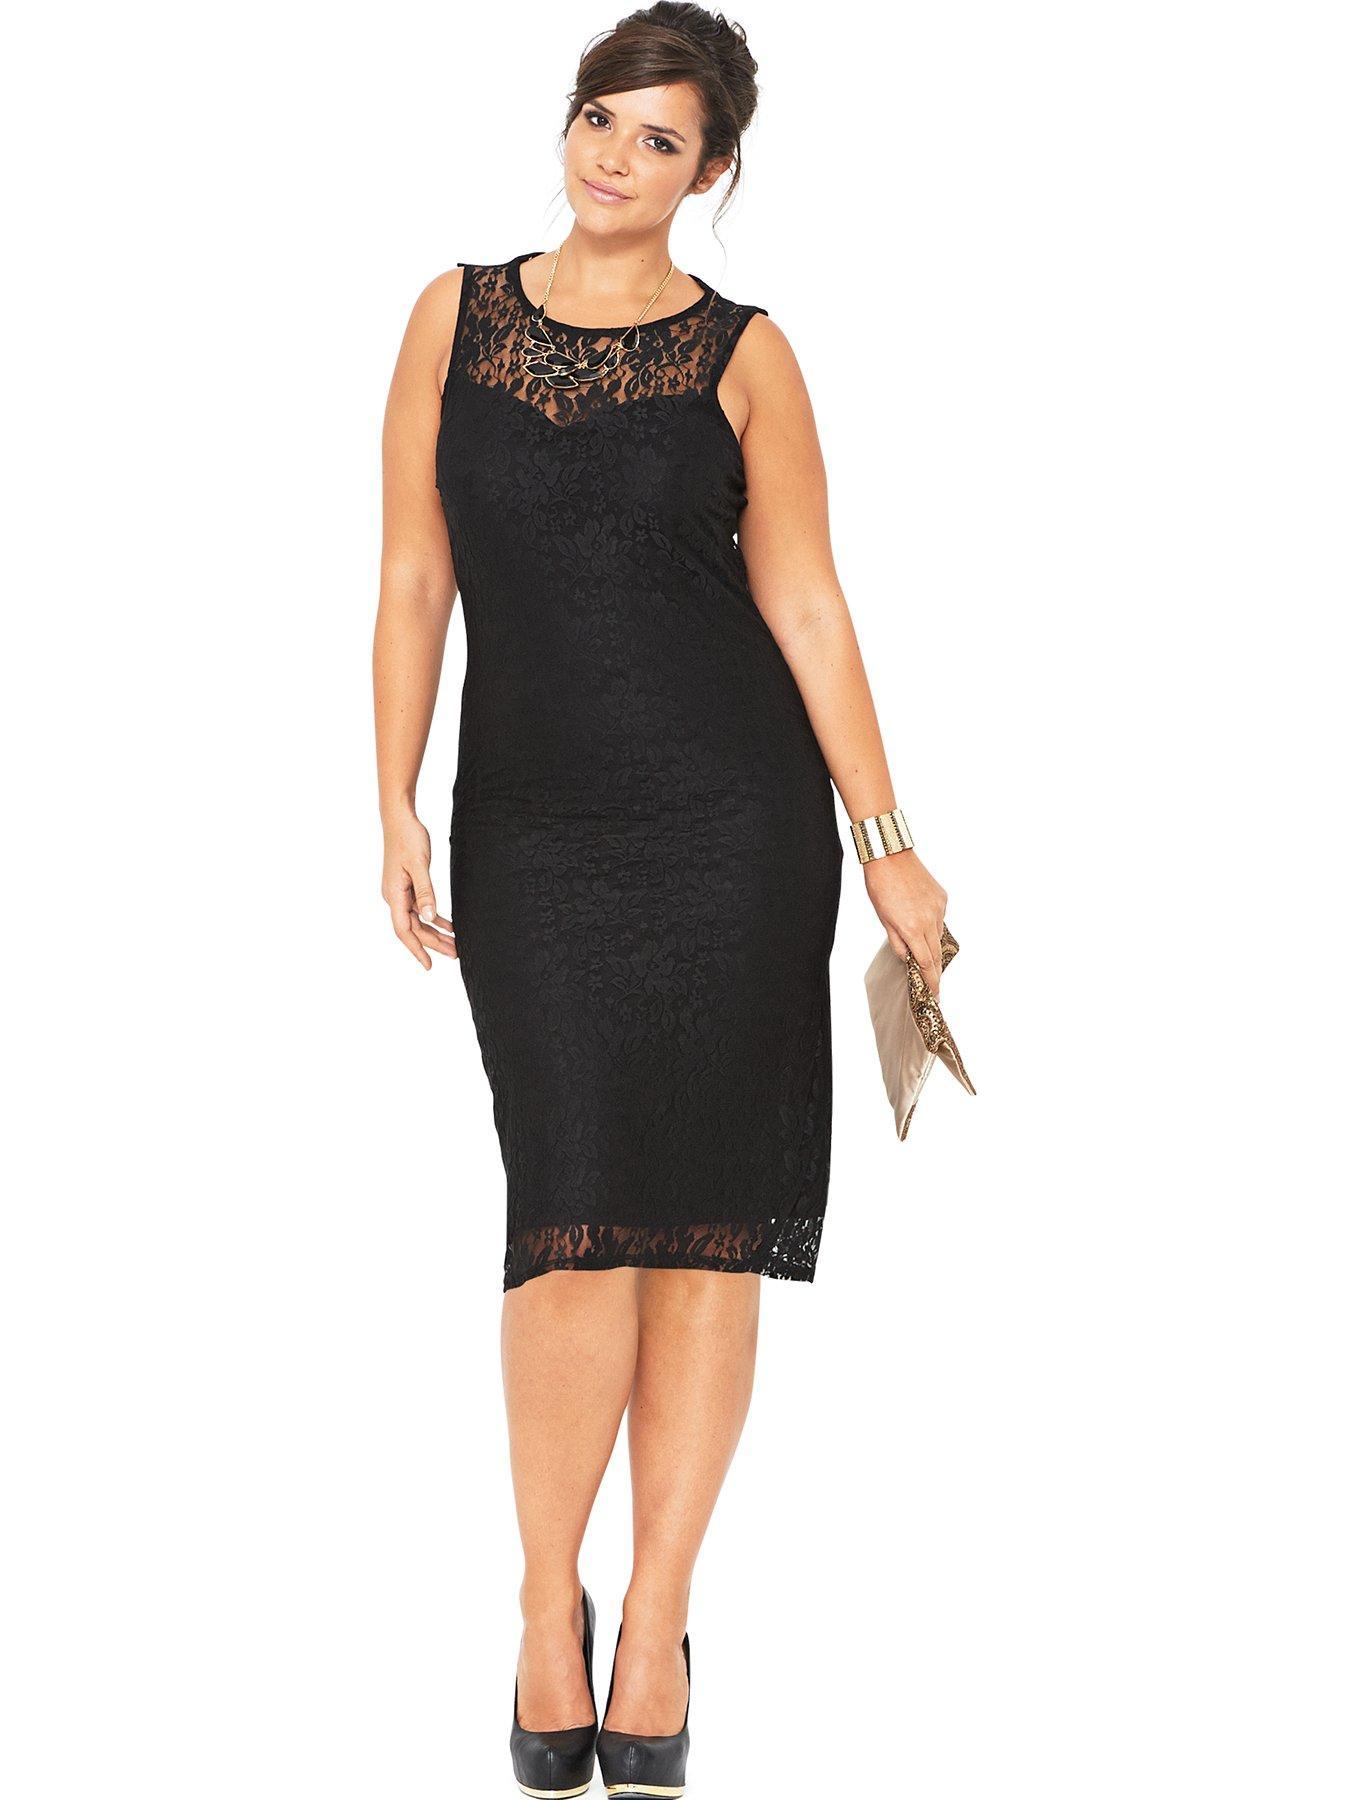 V neck black dress uk qualification